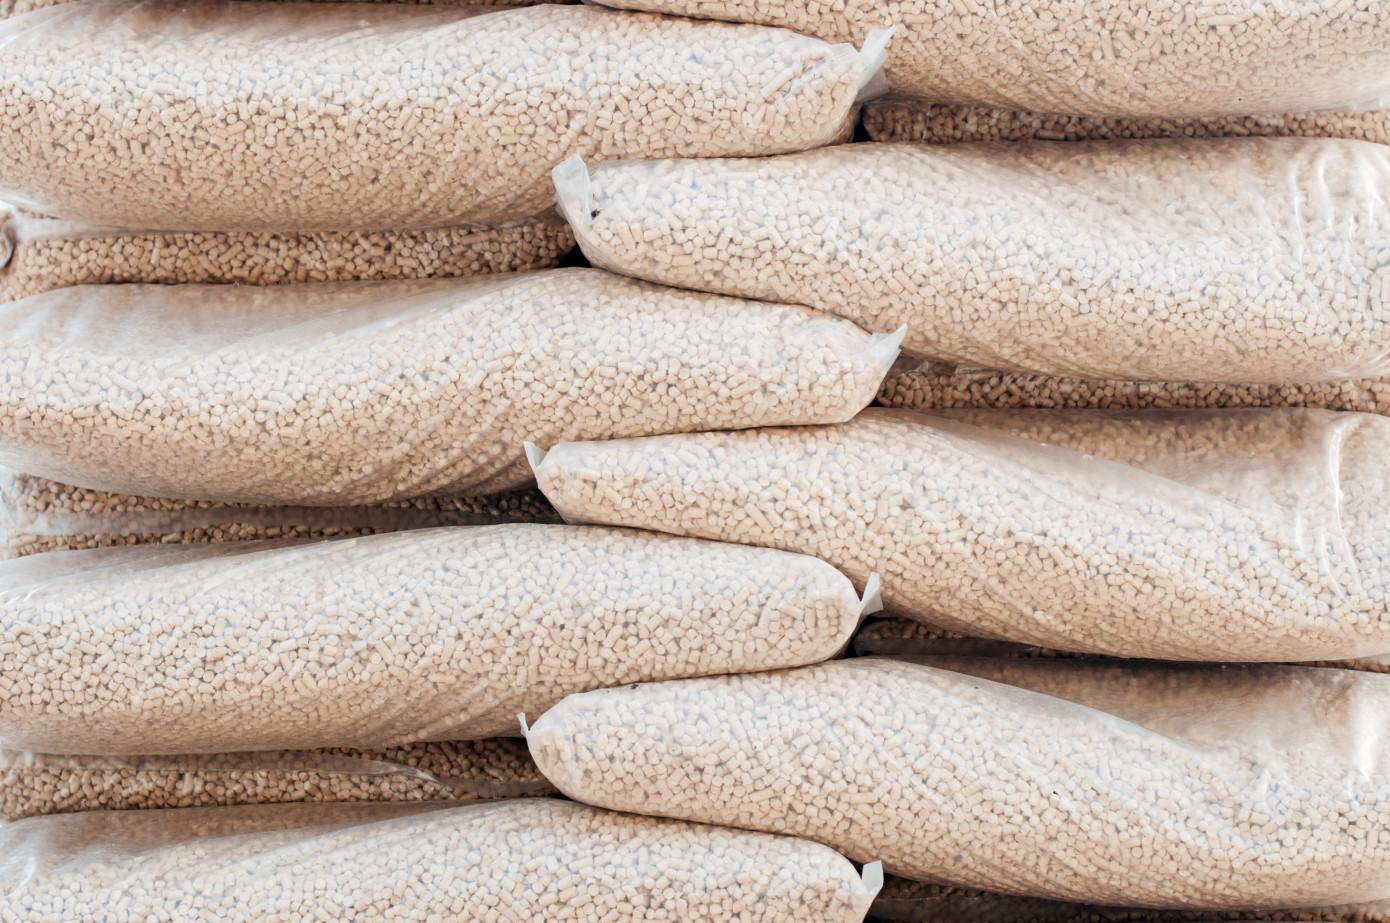 В 2019 г. Нидерланды увеличили импорт топливных пеллет в два раза